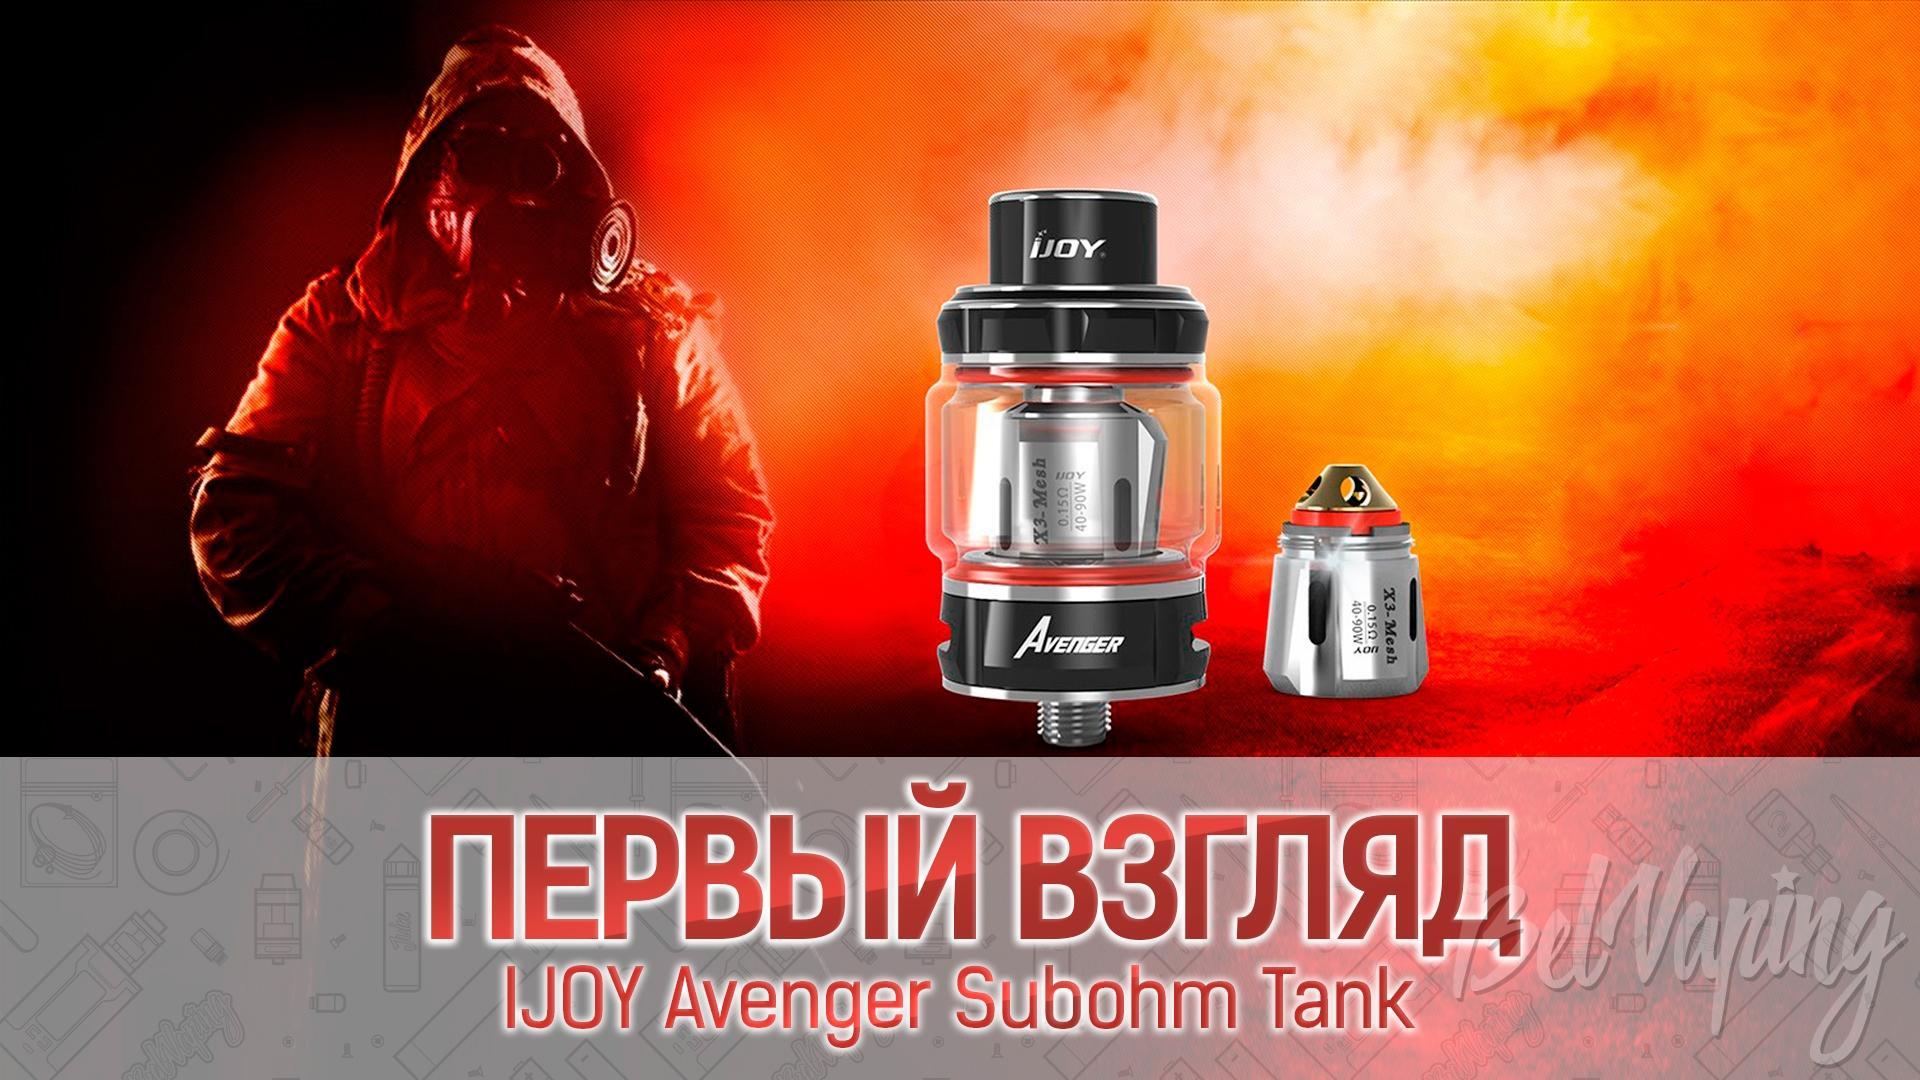 IJOY Avenger Subohm Tank. Первый взгляд